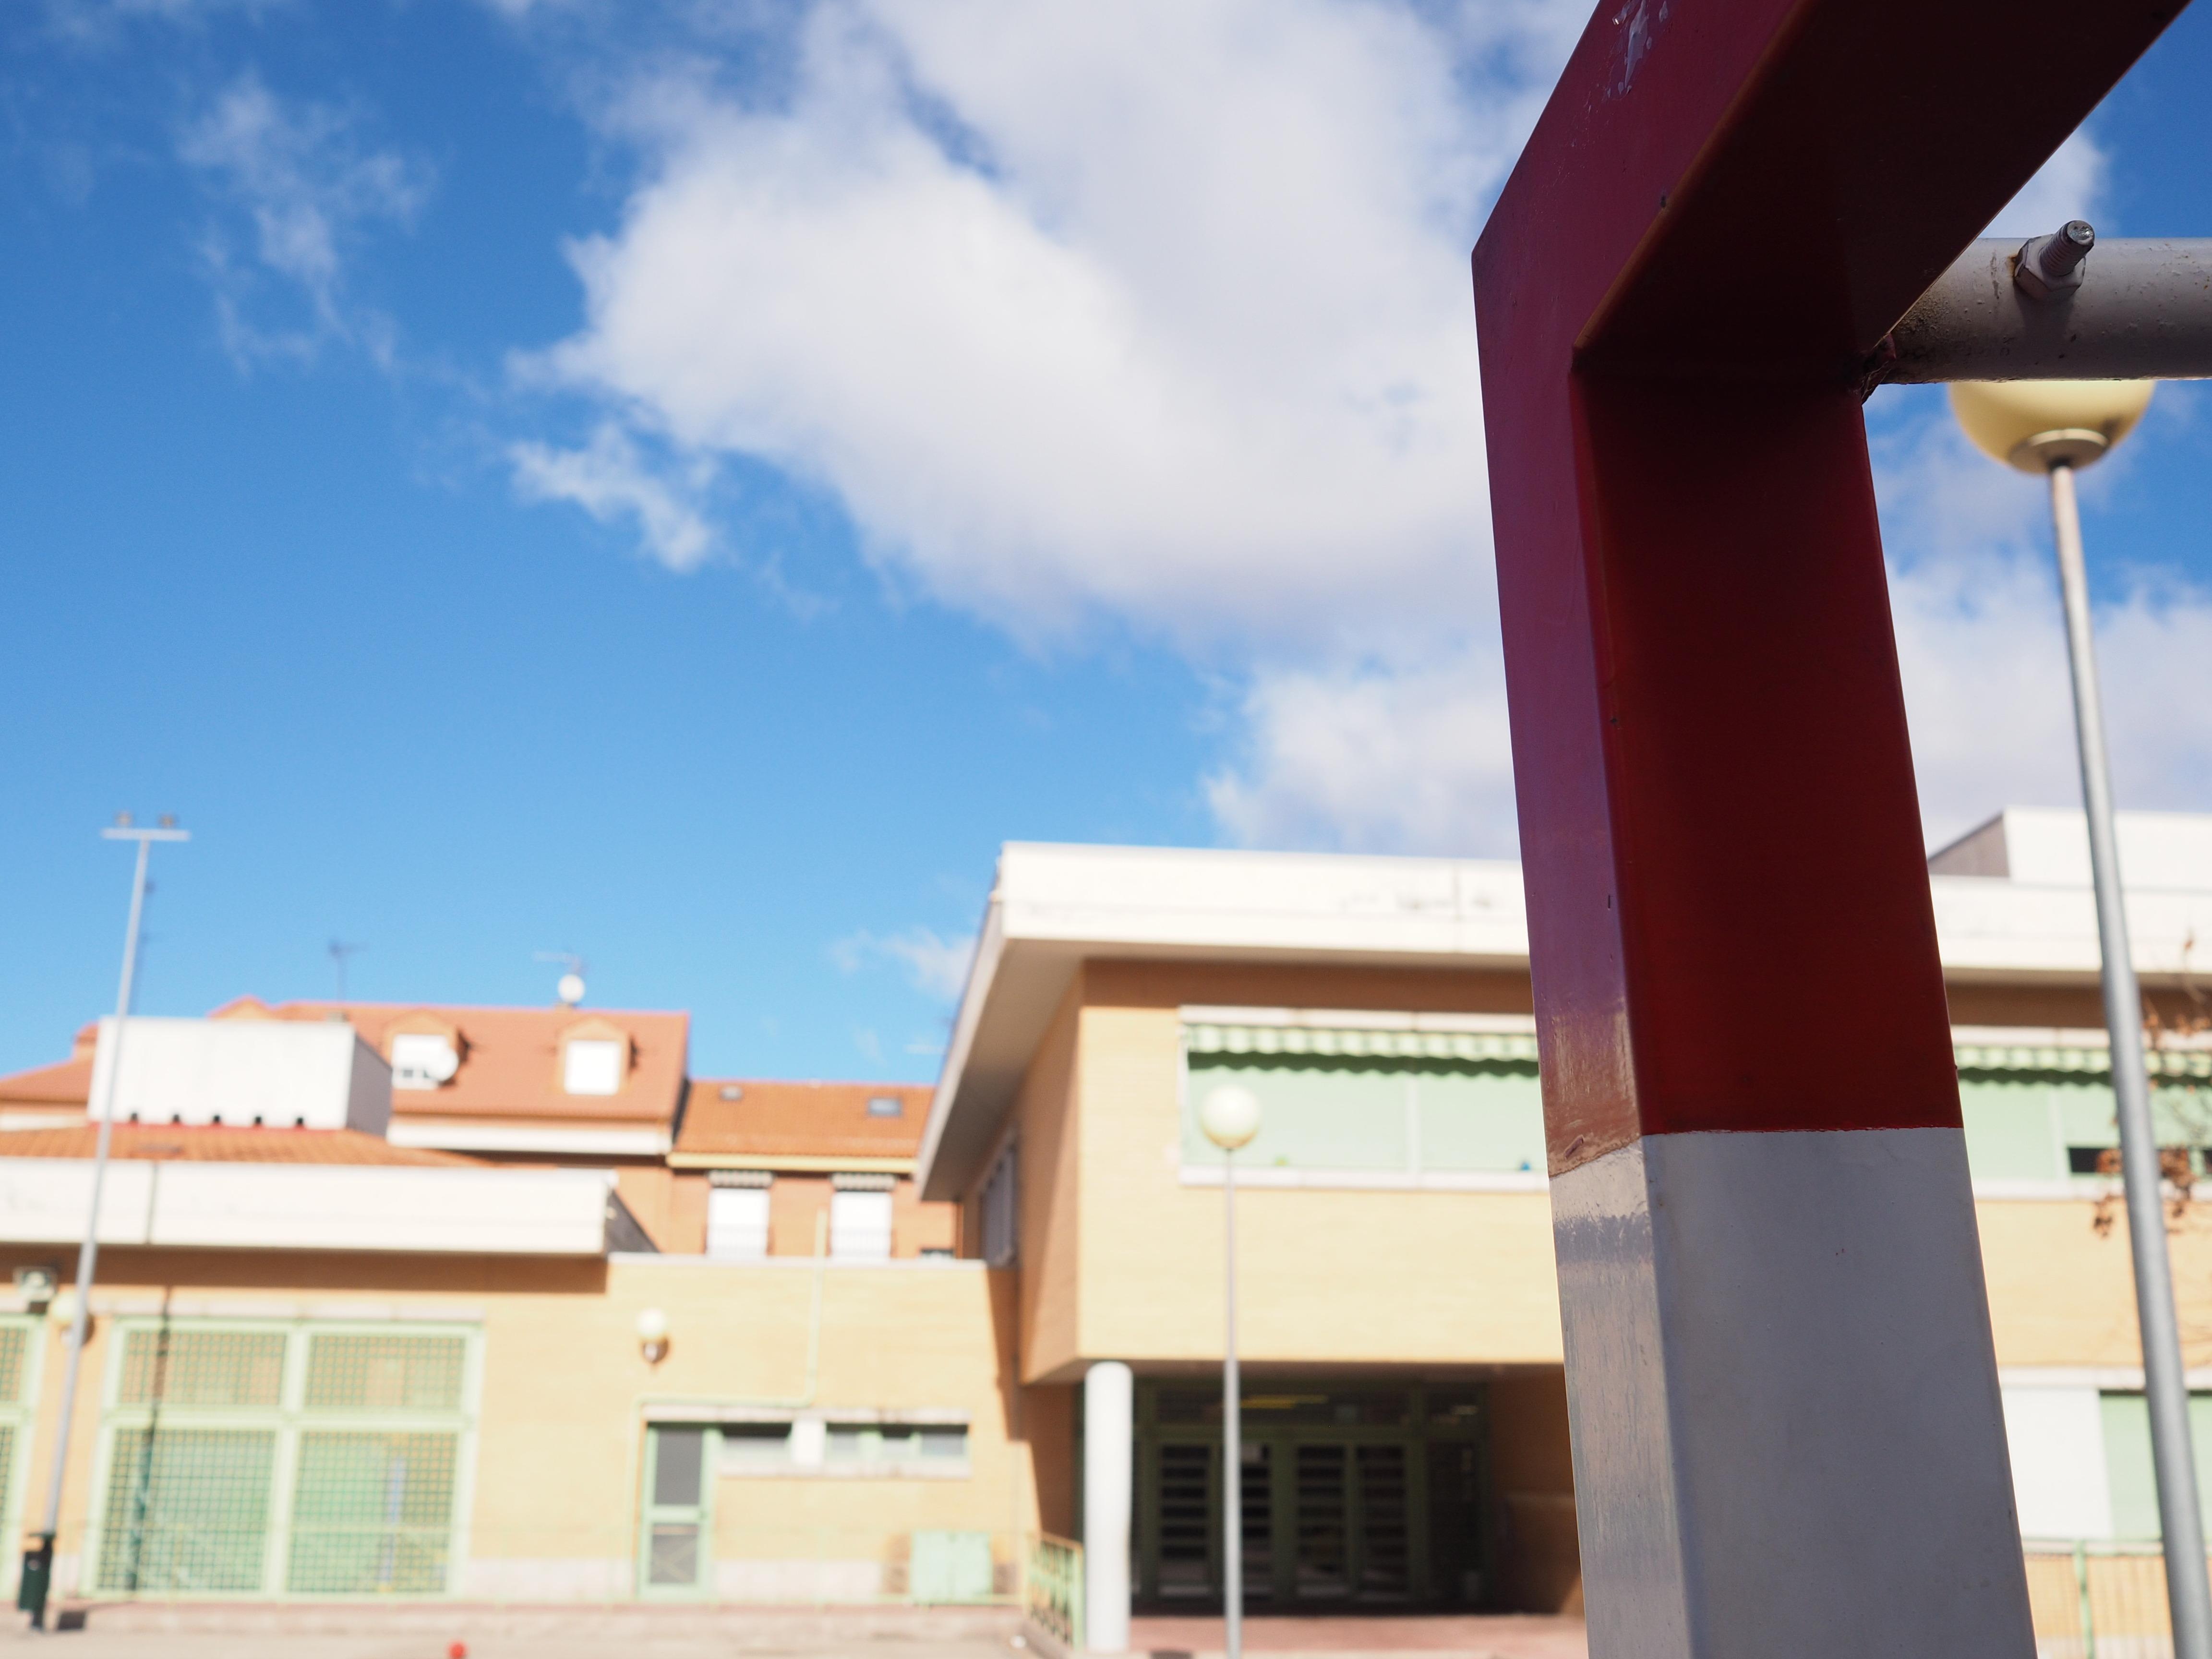 Instalaciones CEIP El Jarama 37